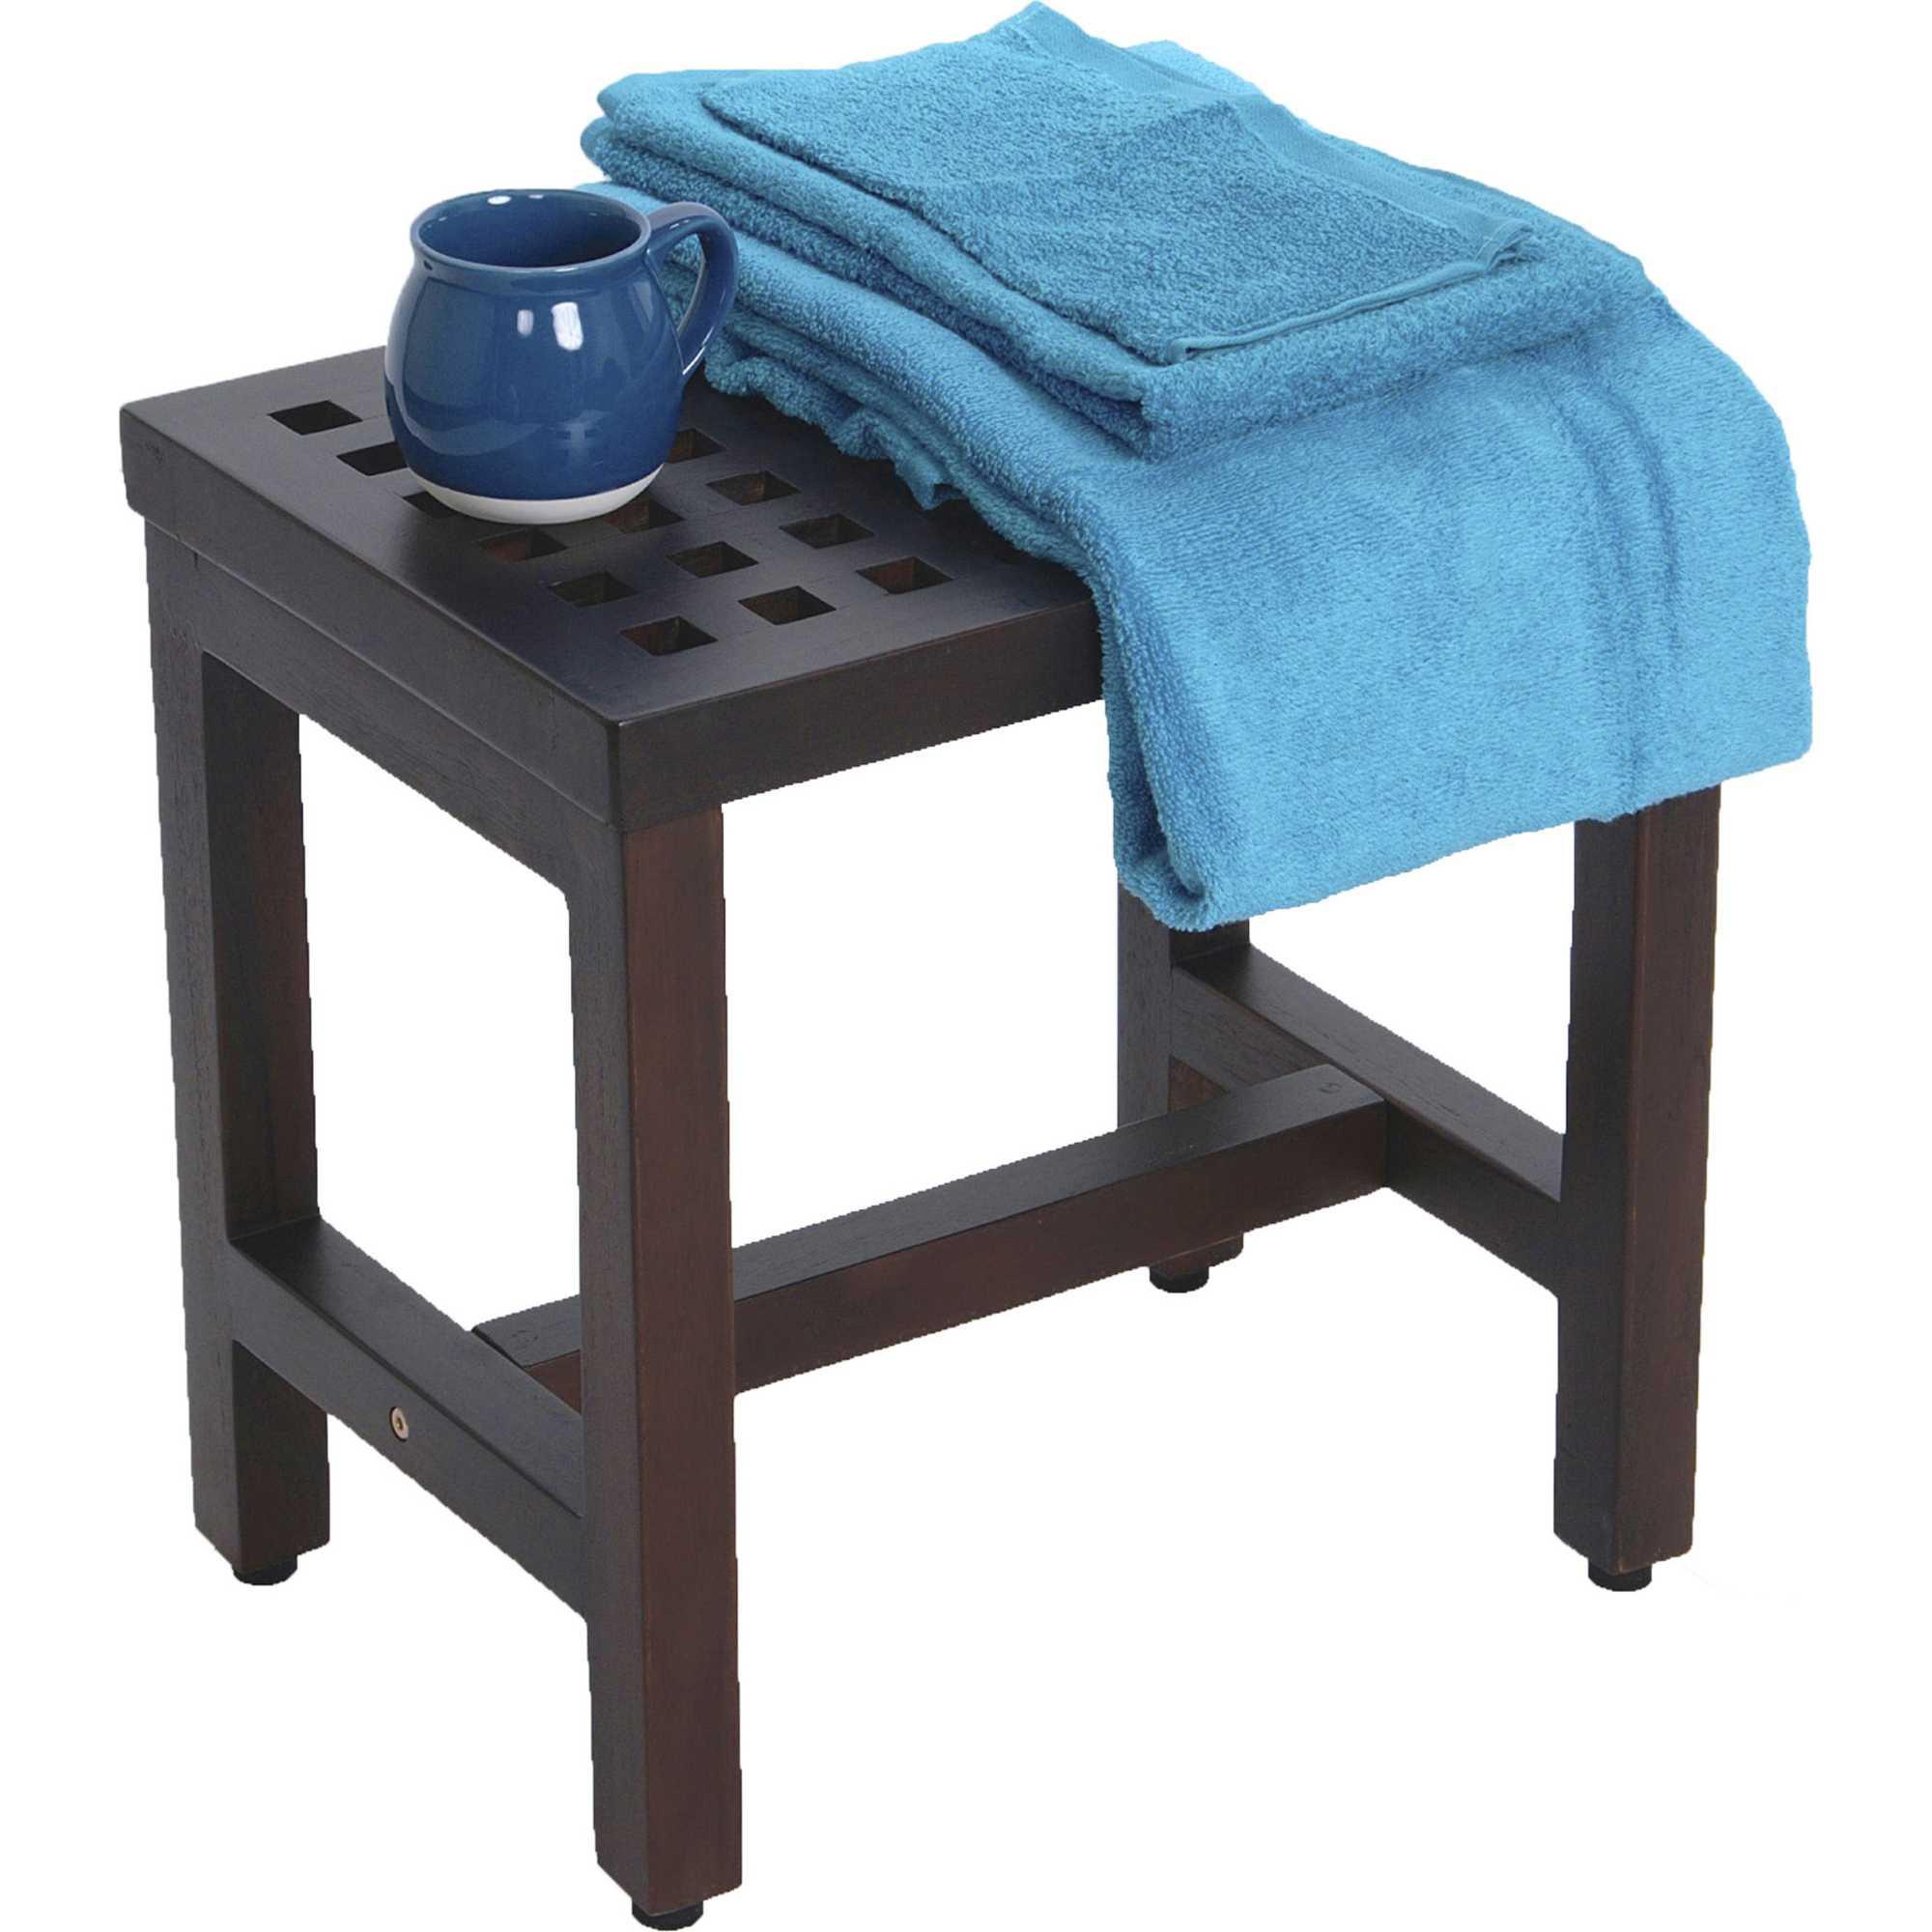 Water Resistant Teak Bench